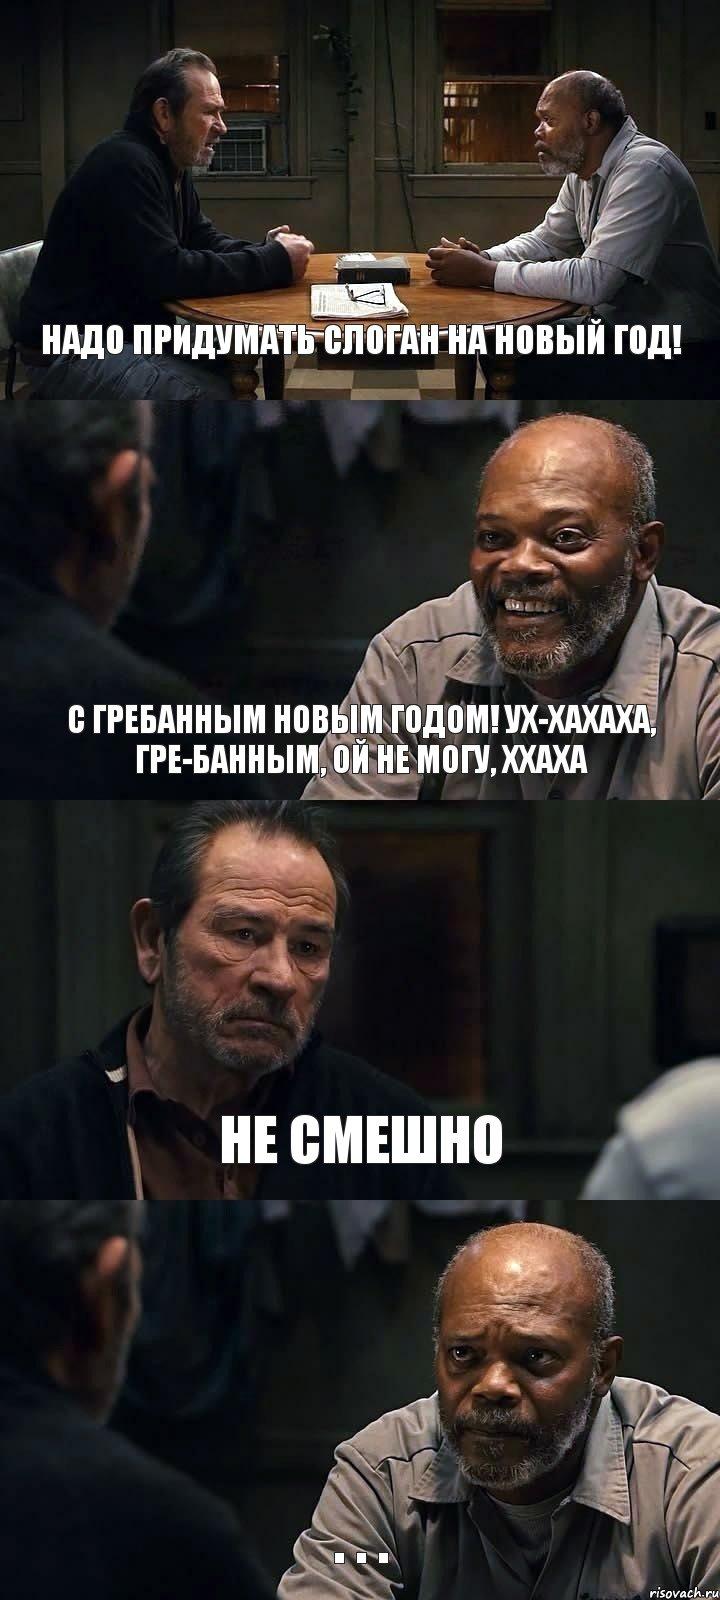 Мамка застукала - русское порно